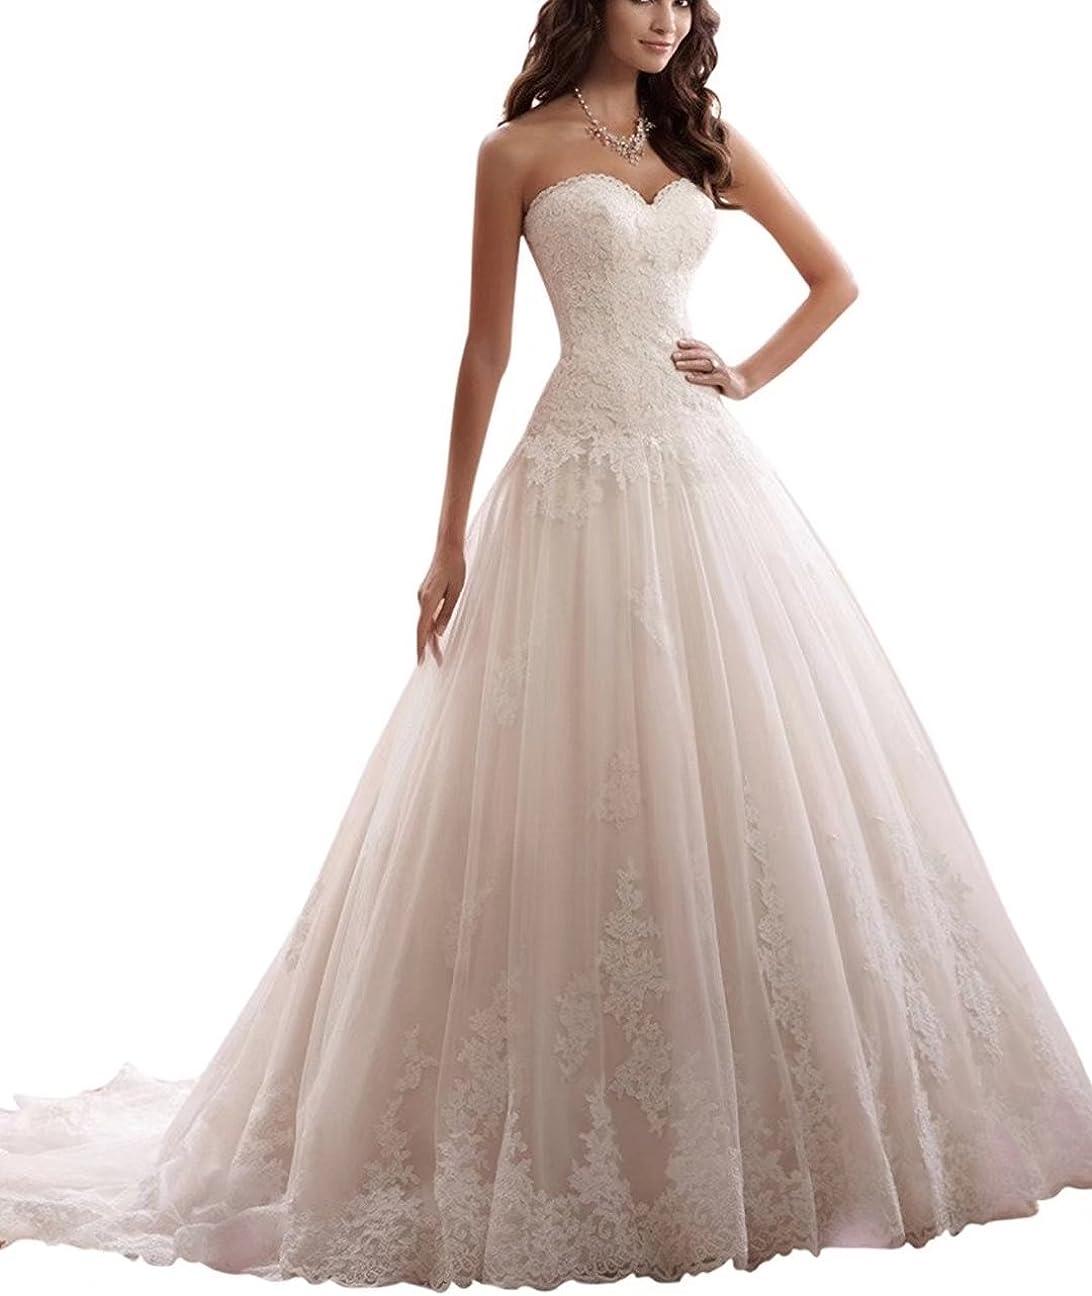 Lilybridal Brautkleider für die Braut aus Schulter Kristall Perle Spitze  Hochzeitskleider 19